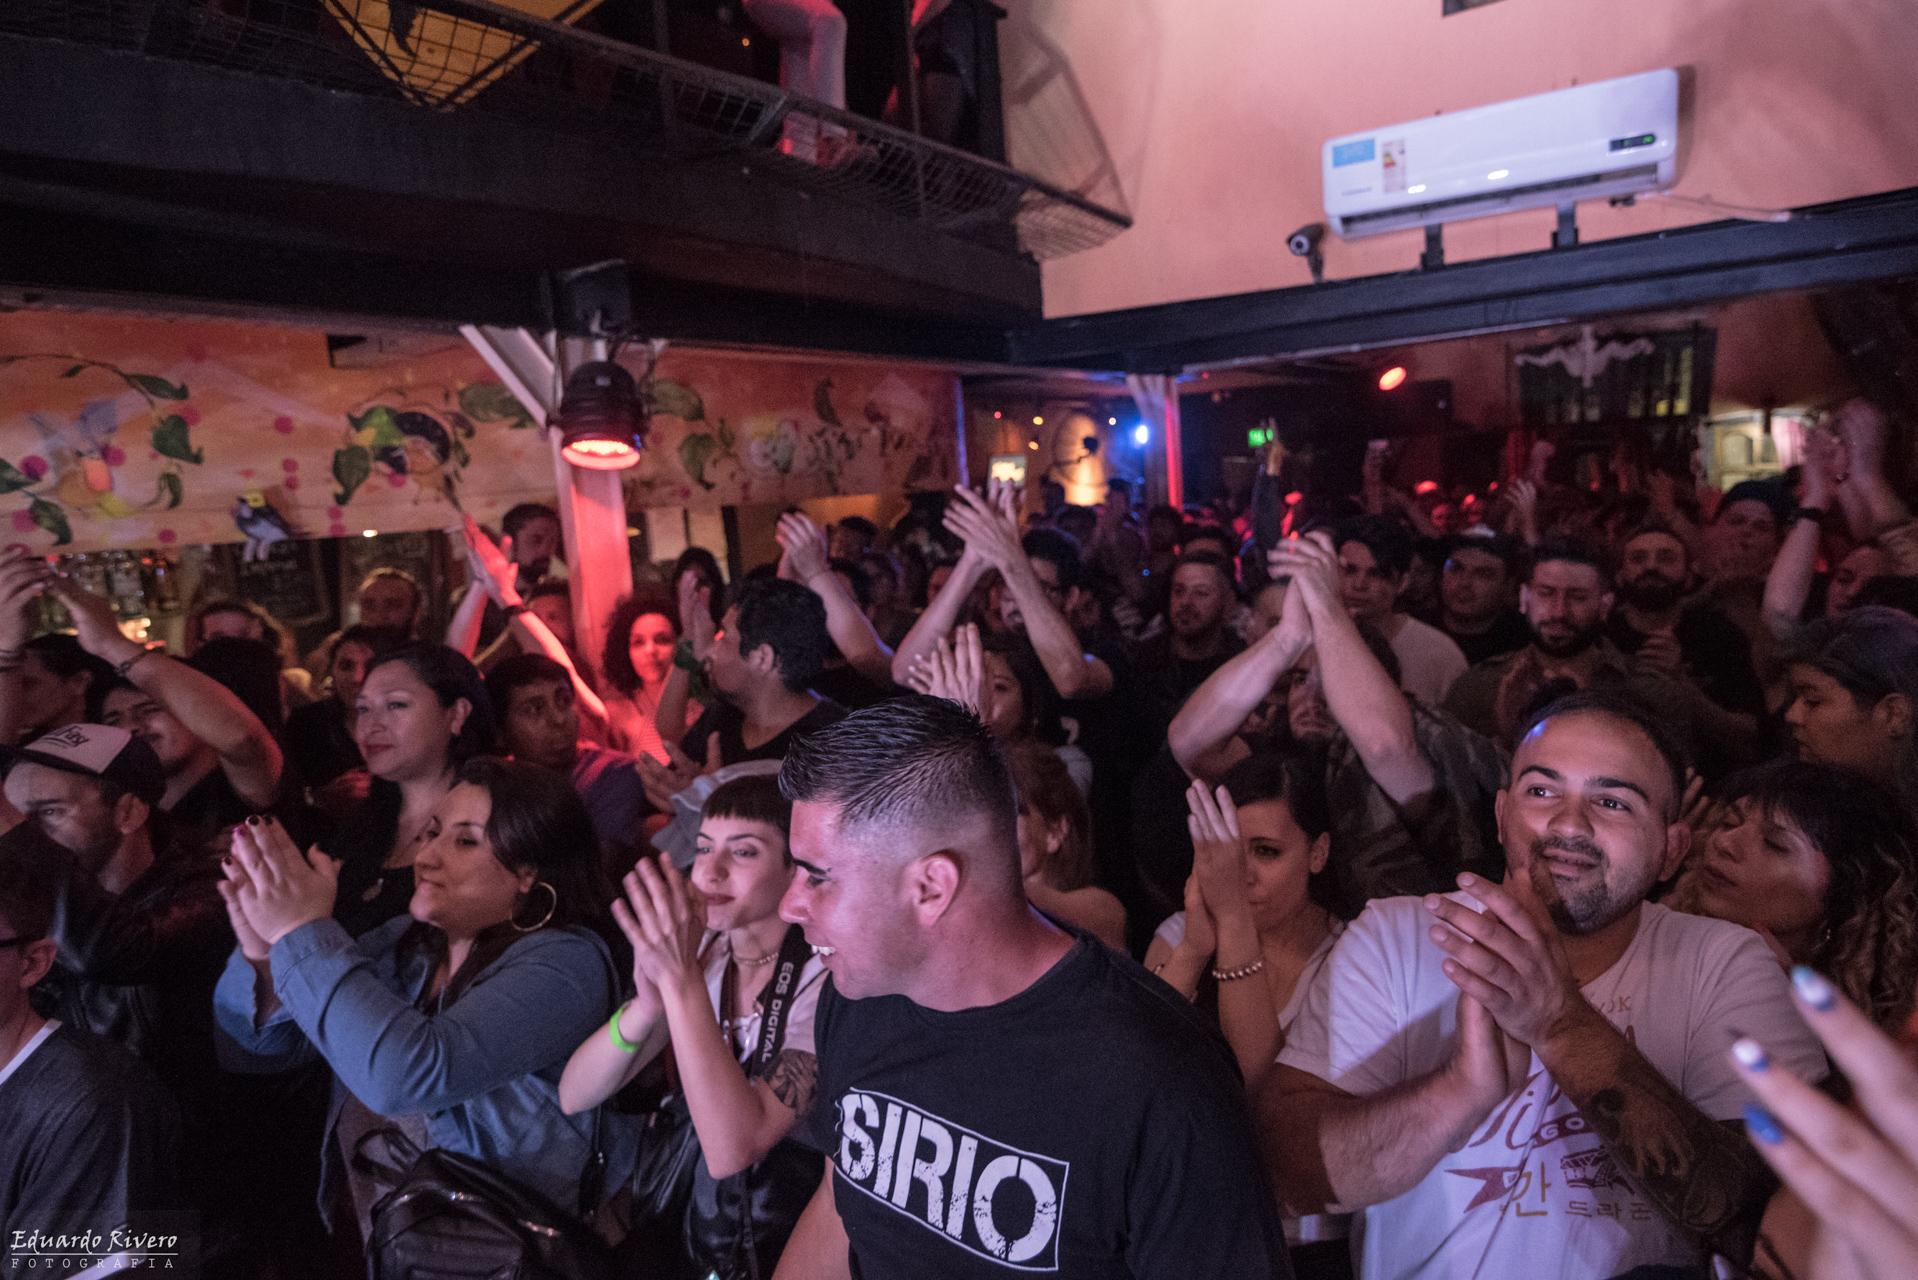 Explotó Santana Bar con Sirio y Todo Aparenta Normal - Diario La Ciudad Ituzaingó